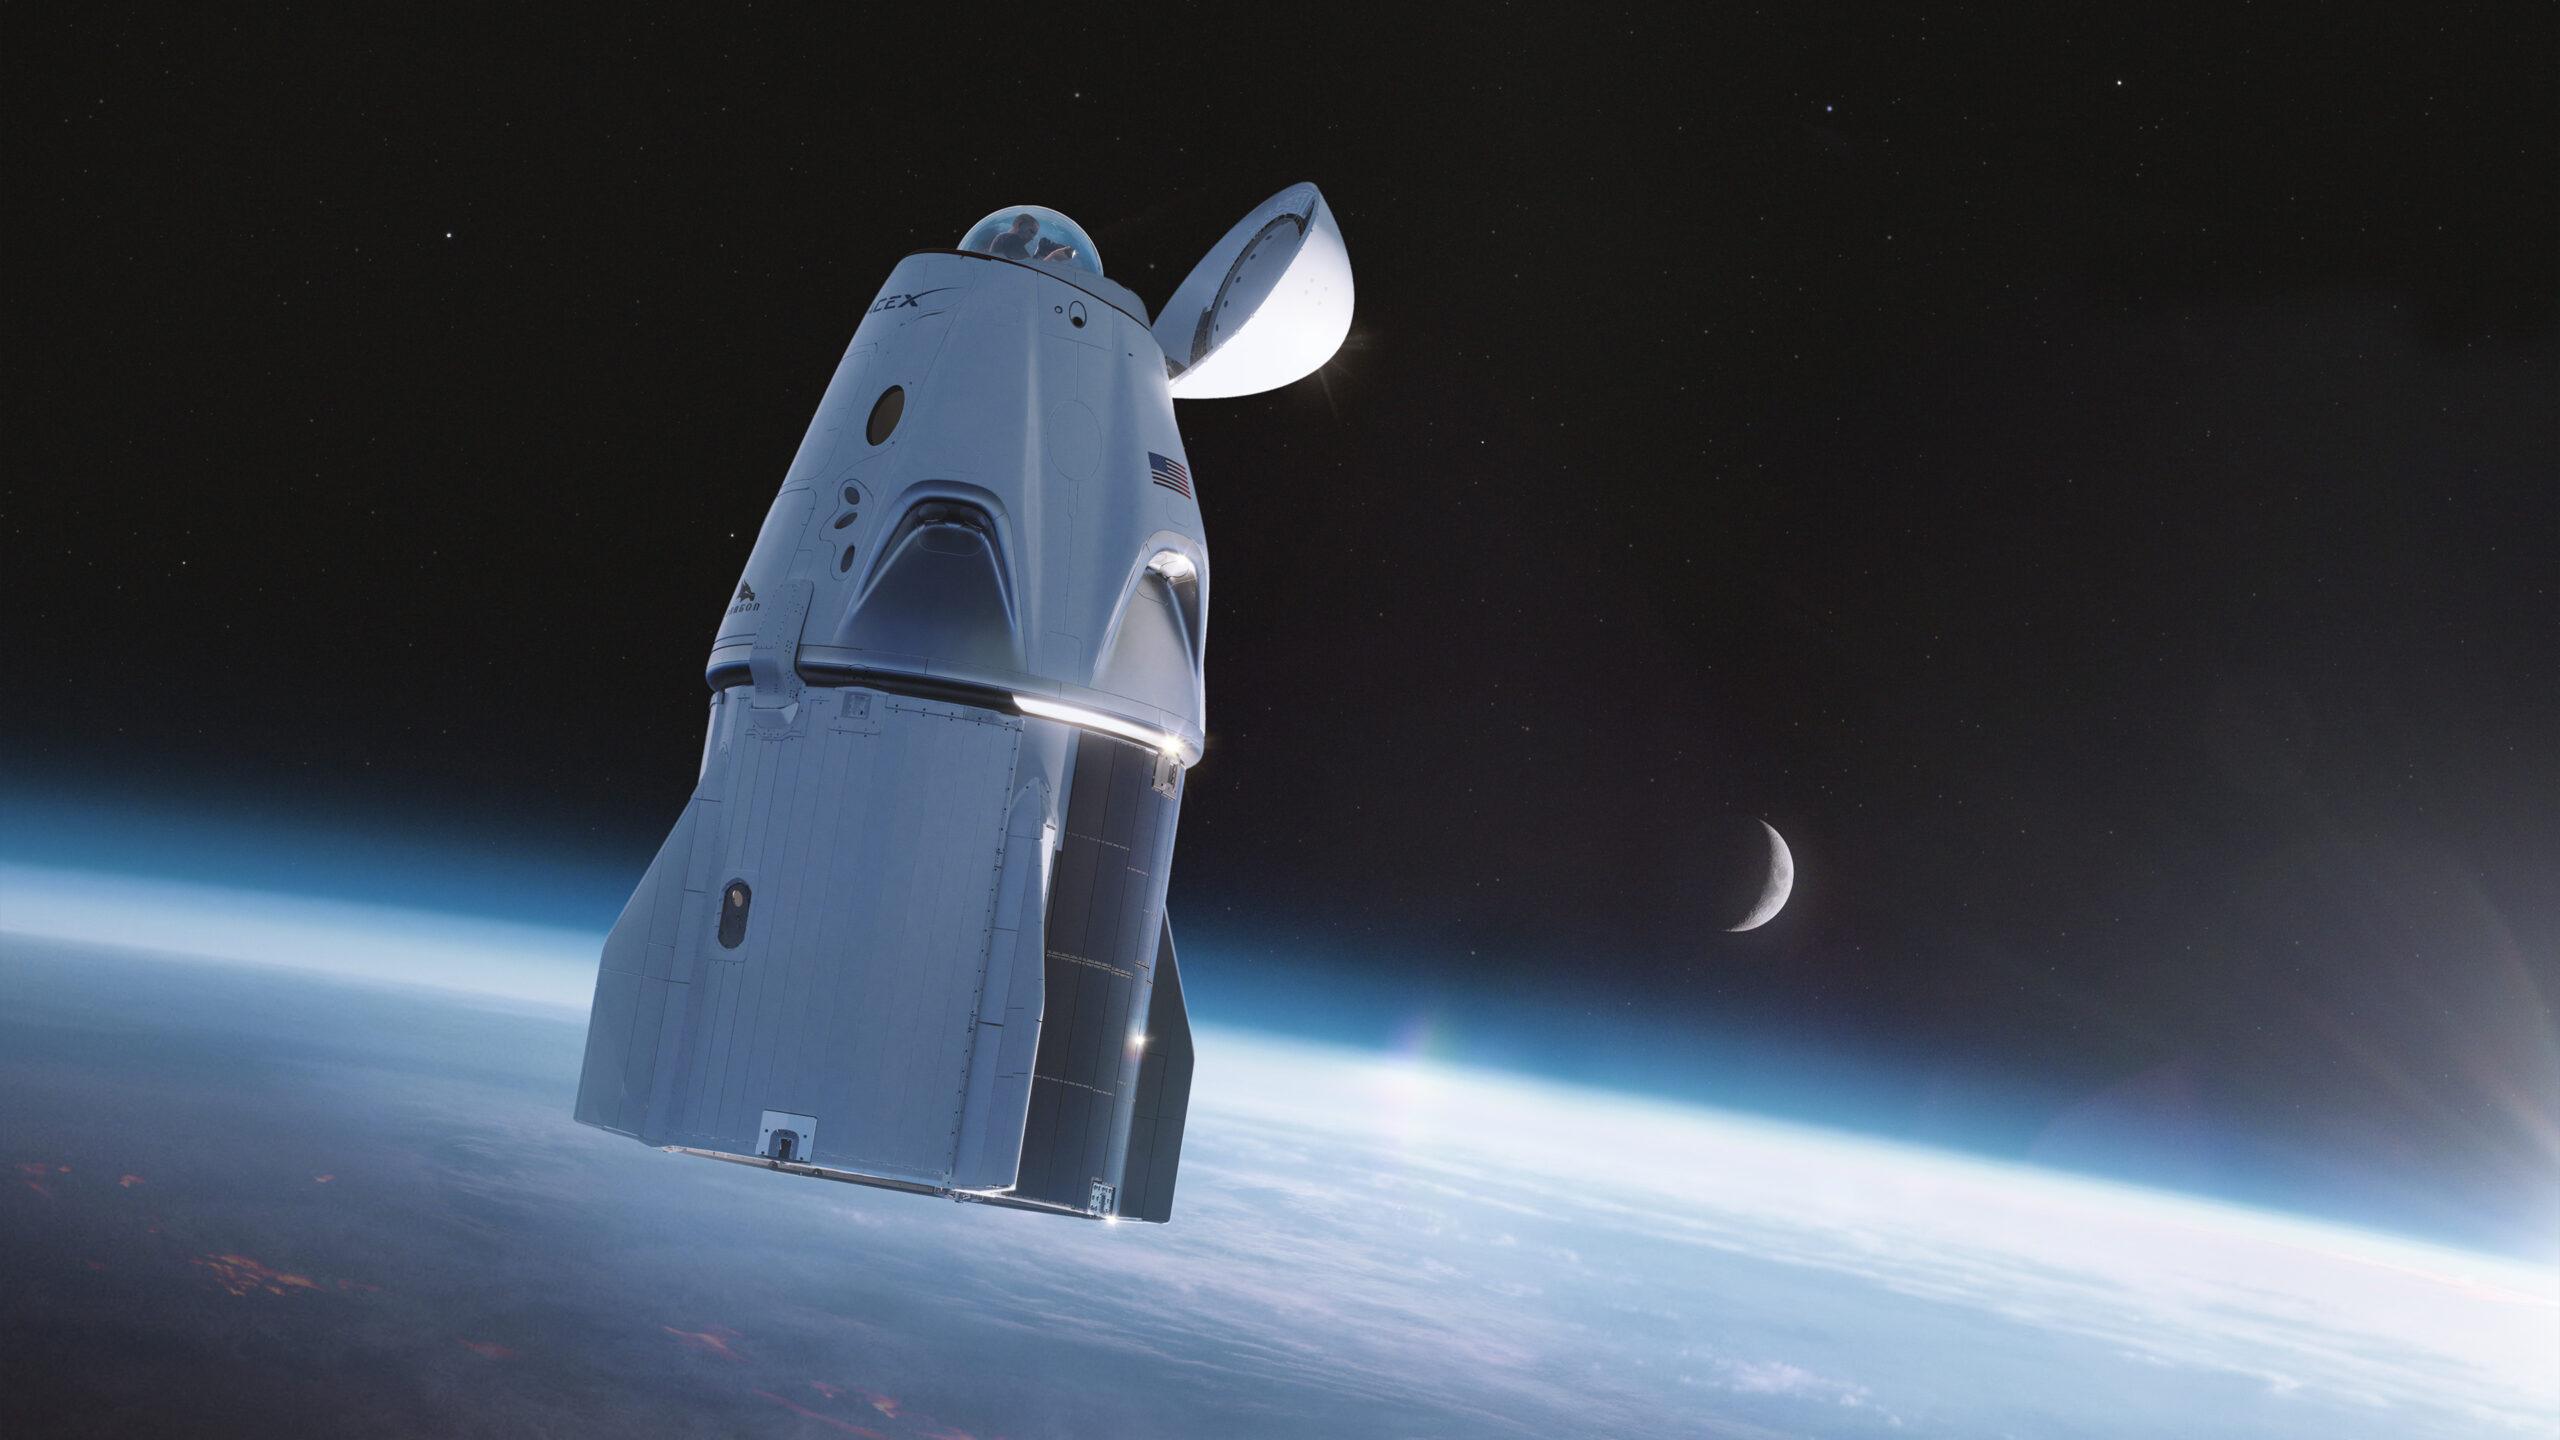 Ảnh render tàu Crew Dragon của SpaceX cho sứ mệnh Inspiration4 với phần mũi tàu được lắp thêm kính quan sát. Credit: SpaceX